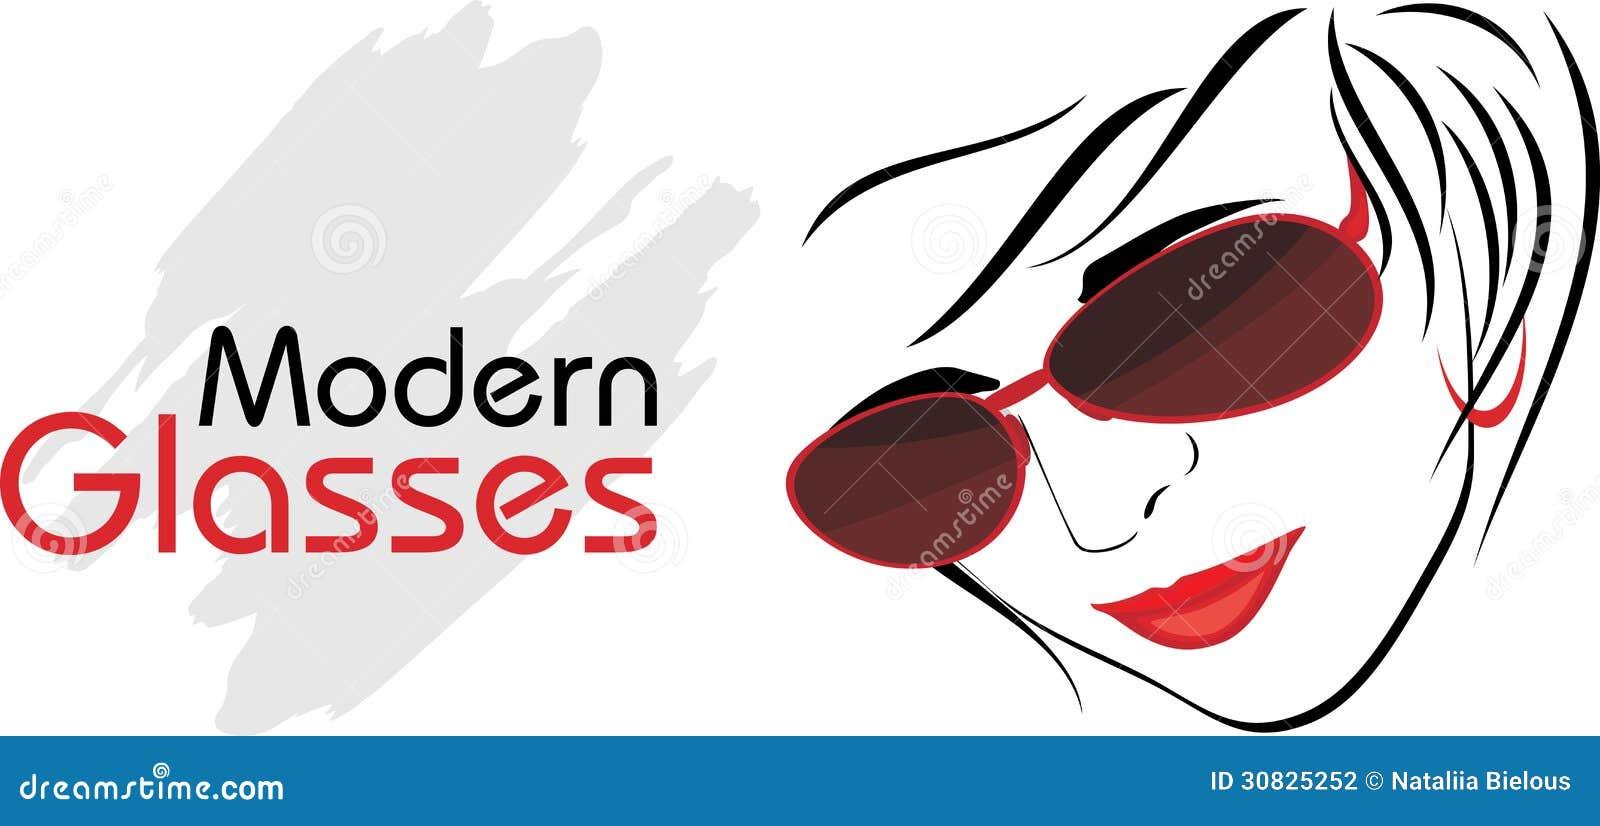 Vetri moderni alla moda. Icona per progettazione